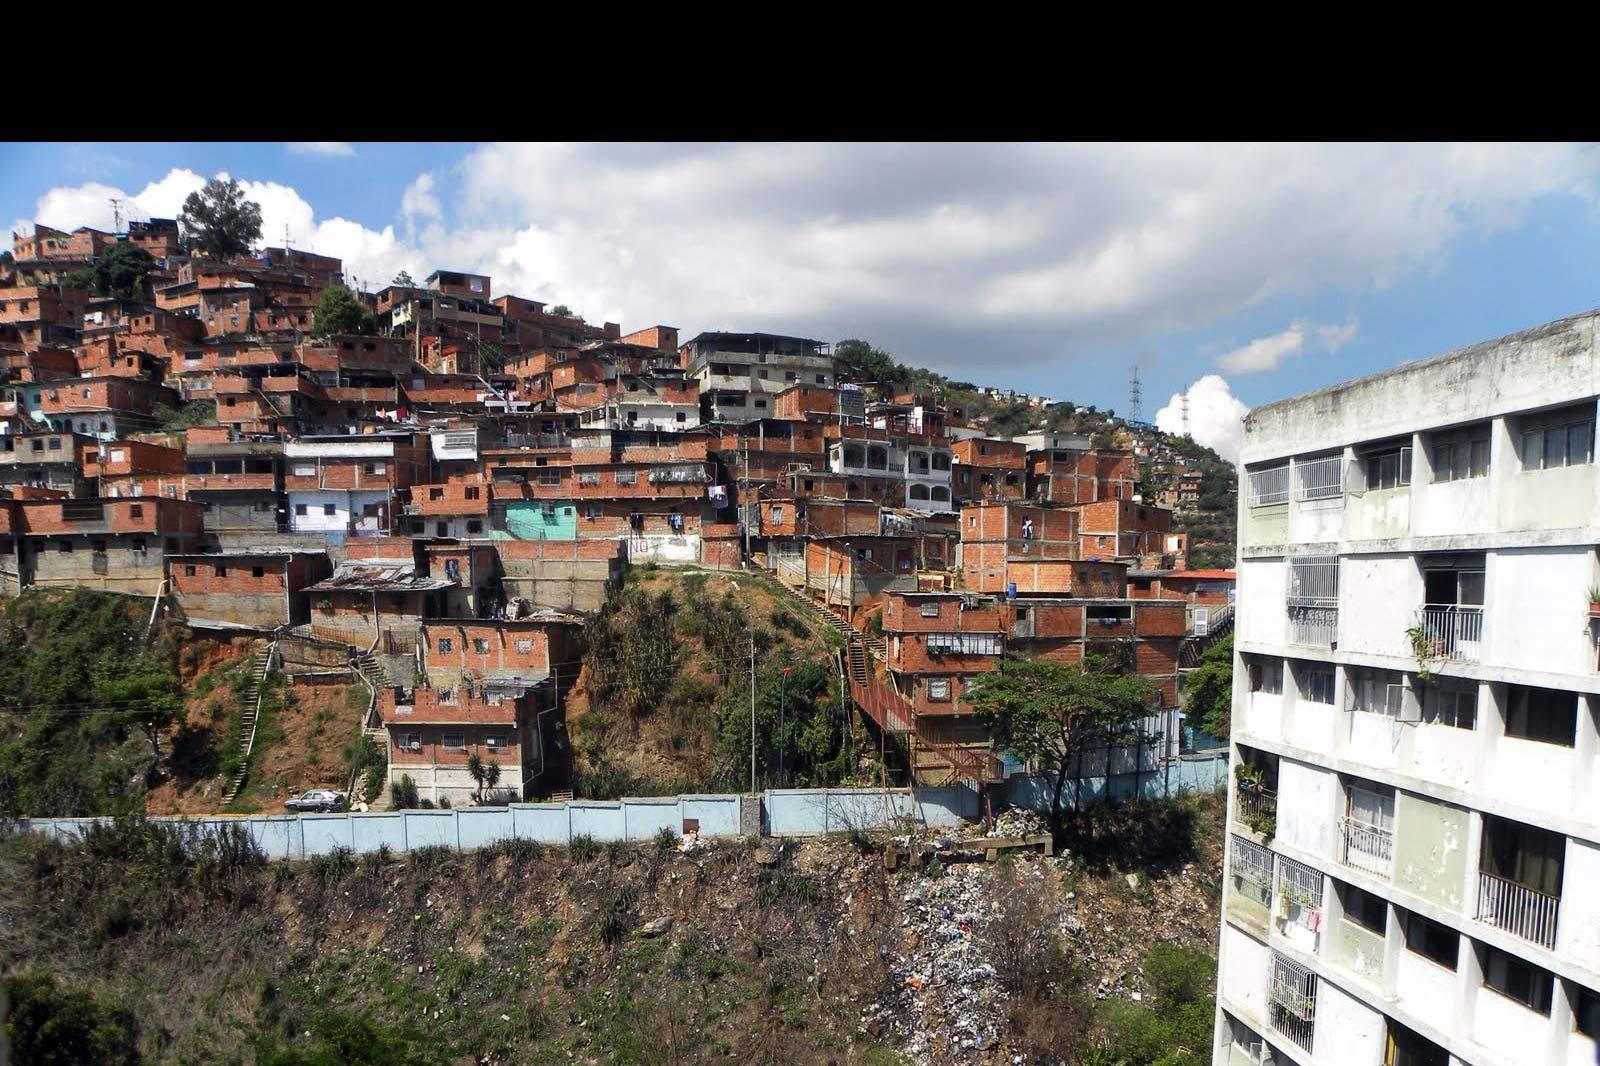 Uno de ellos, según residentes de la Cota 905 –escenario del suceso– uno de ellos era funcionario de la Policía Nacional Bolivariana